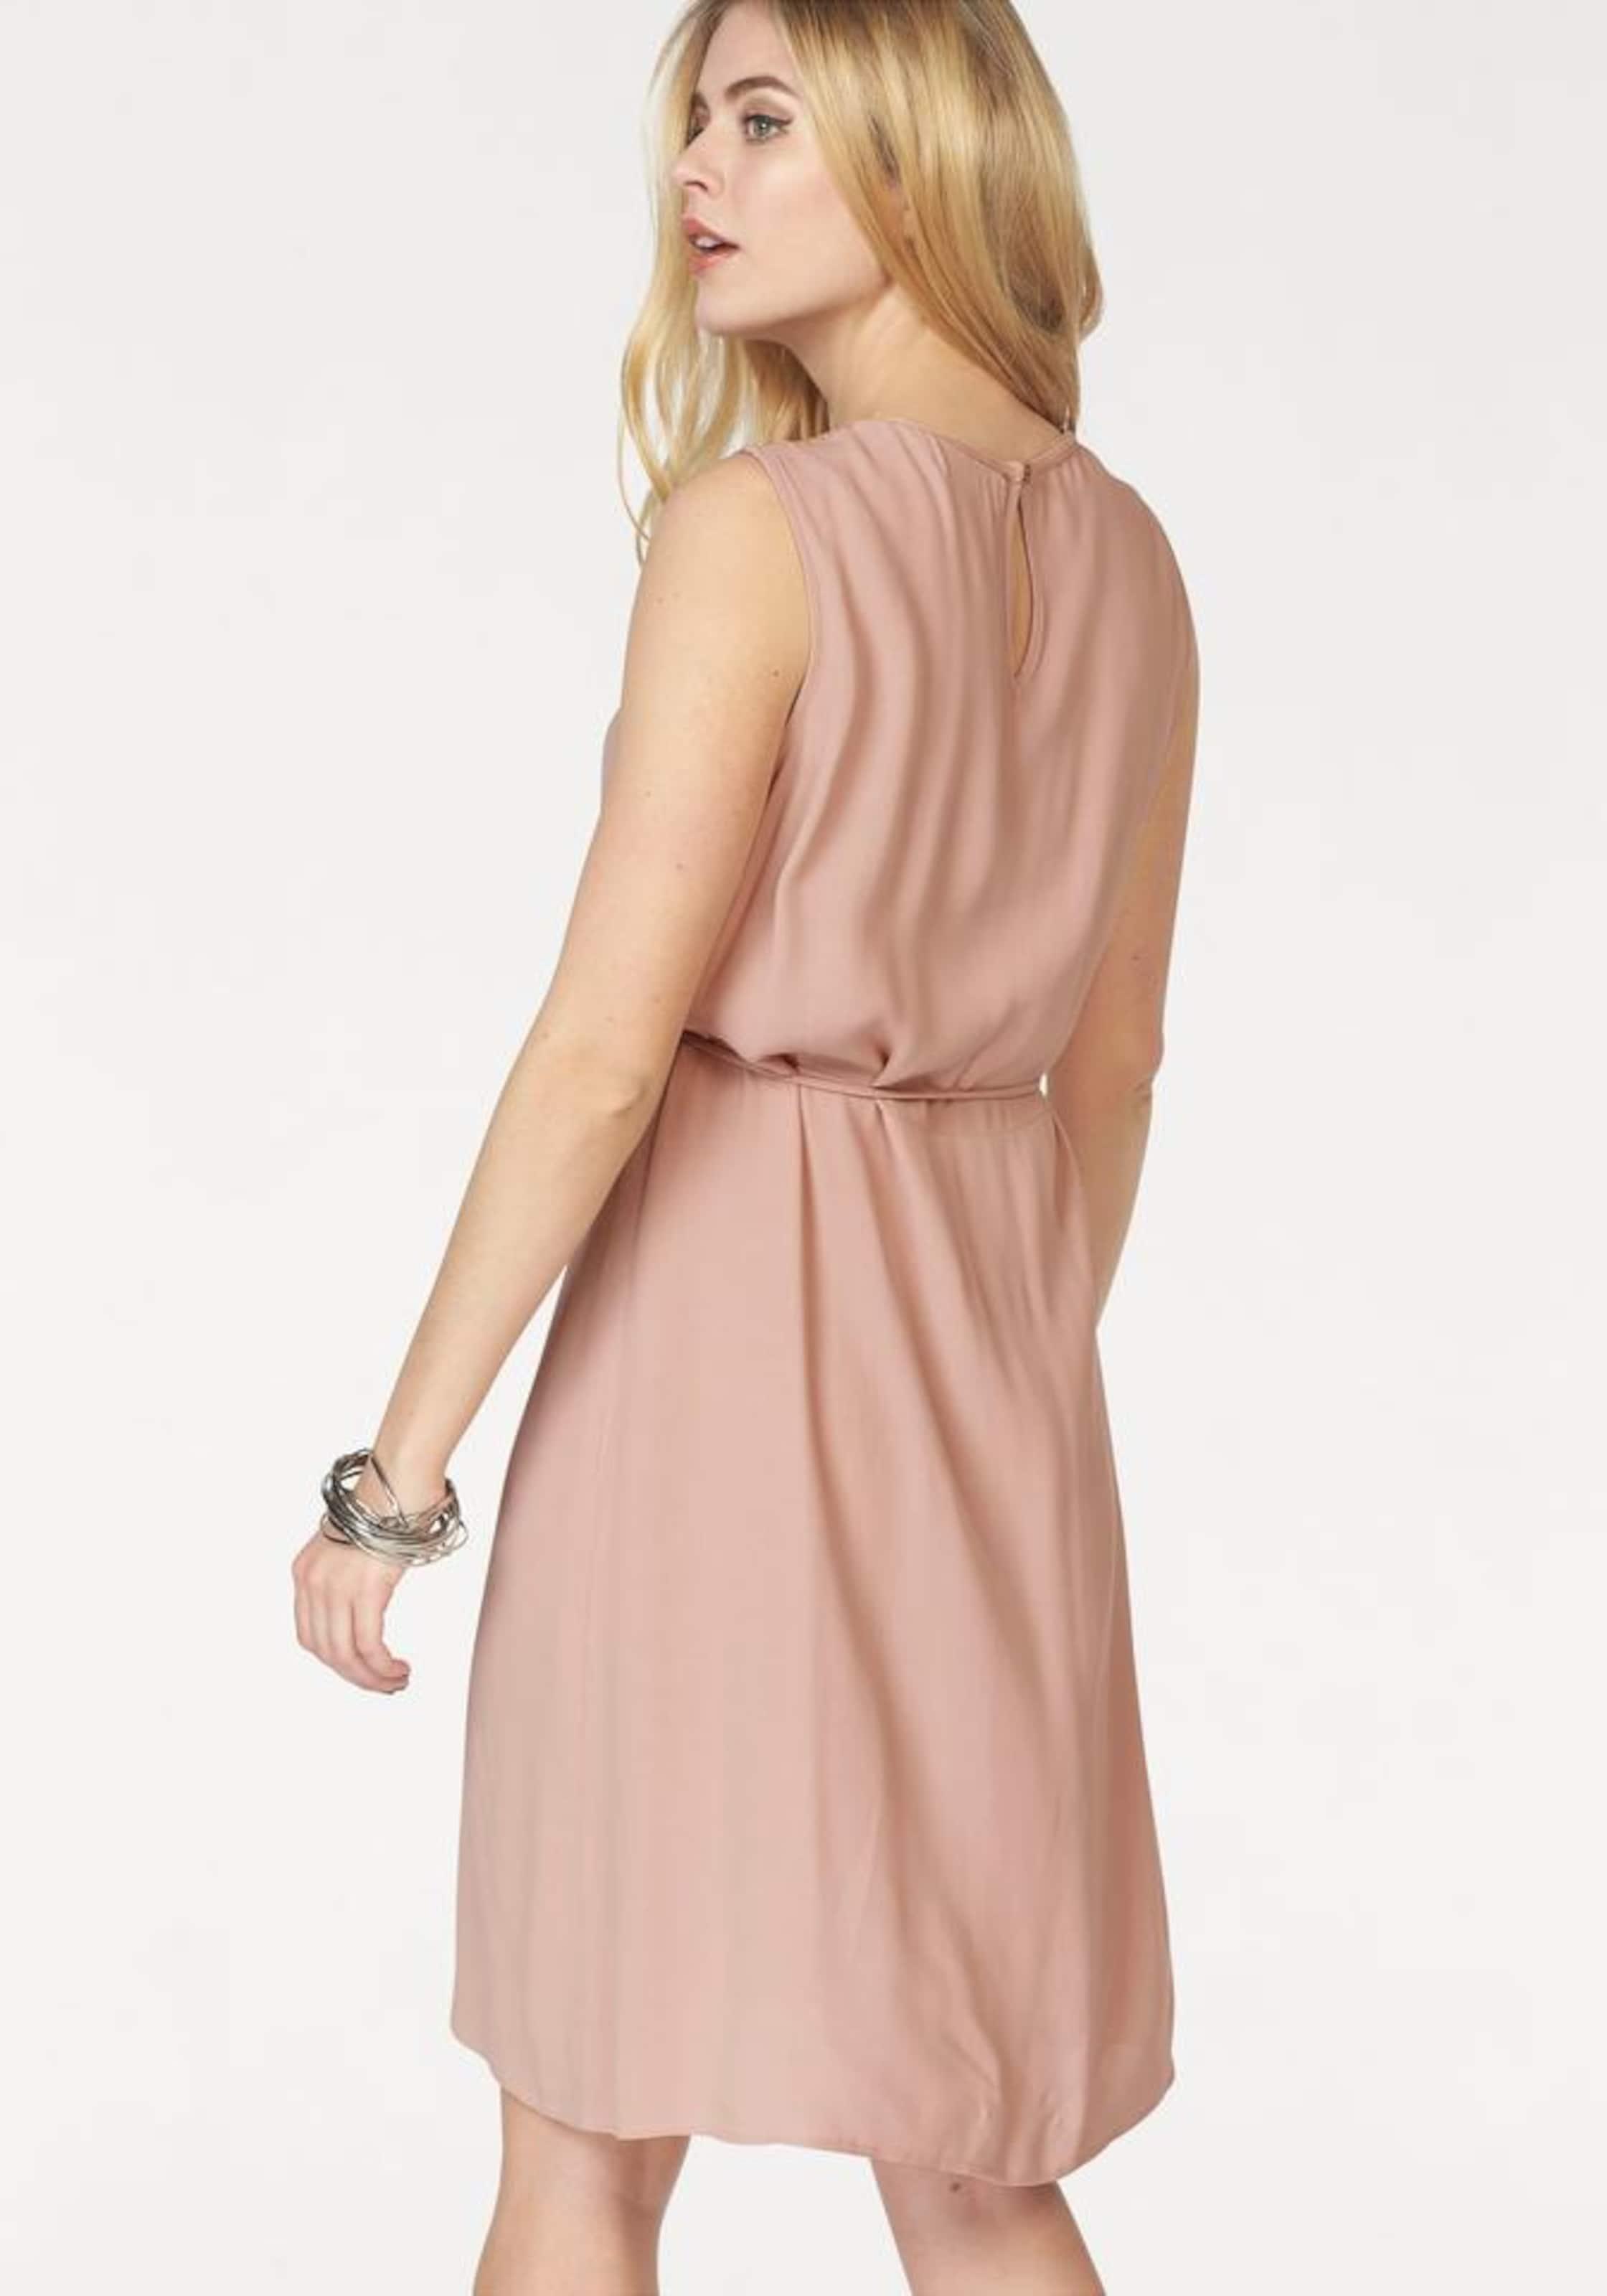 Cream Kleid 'Dona' Auf Heißen Verkauf Auslass Veröffentlichungstermine EqG9GZgfOa